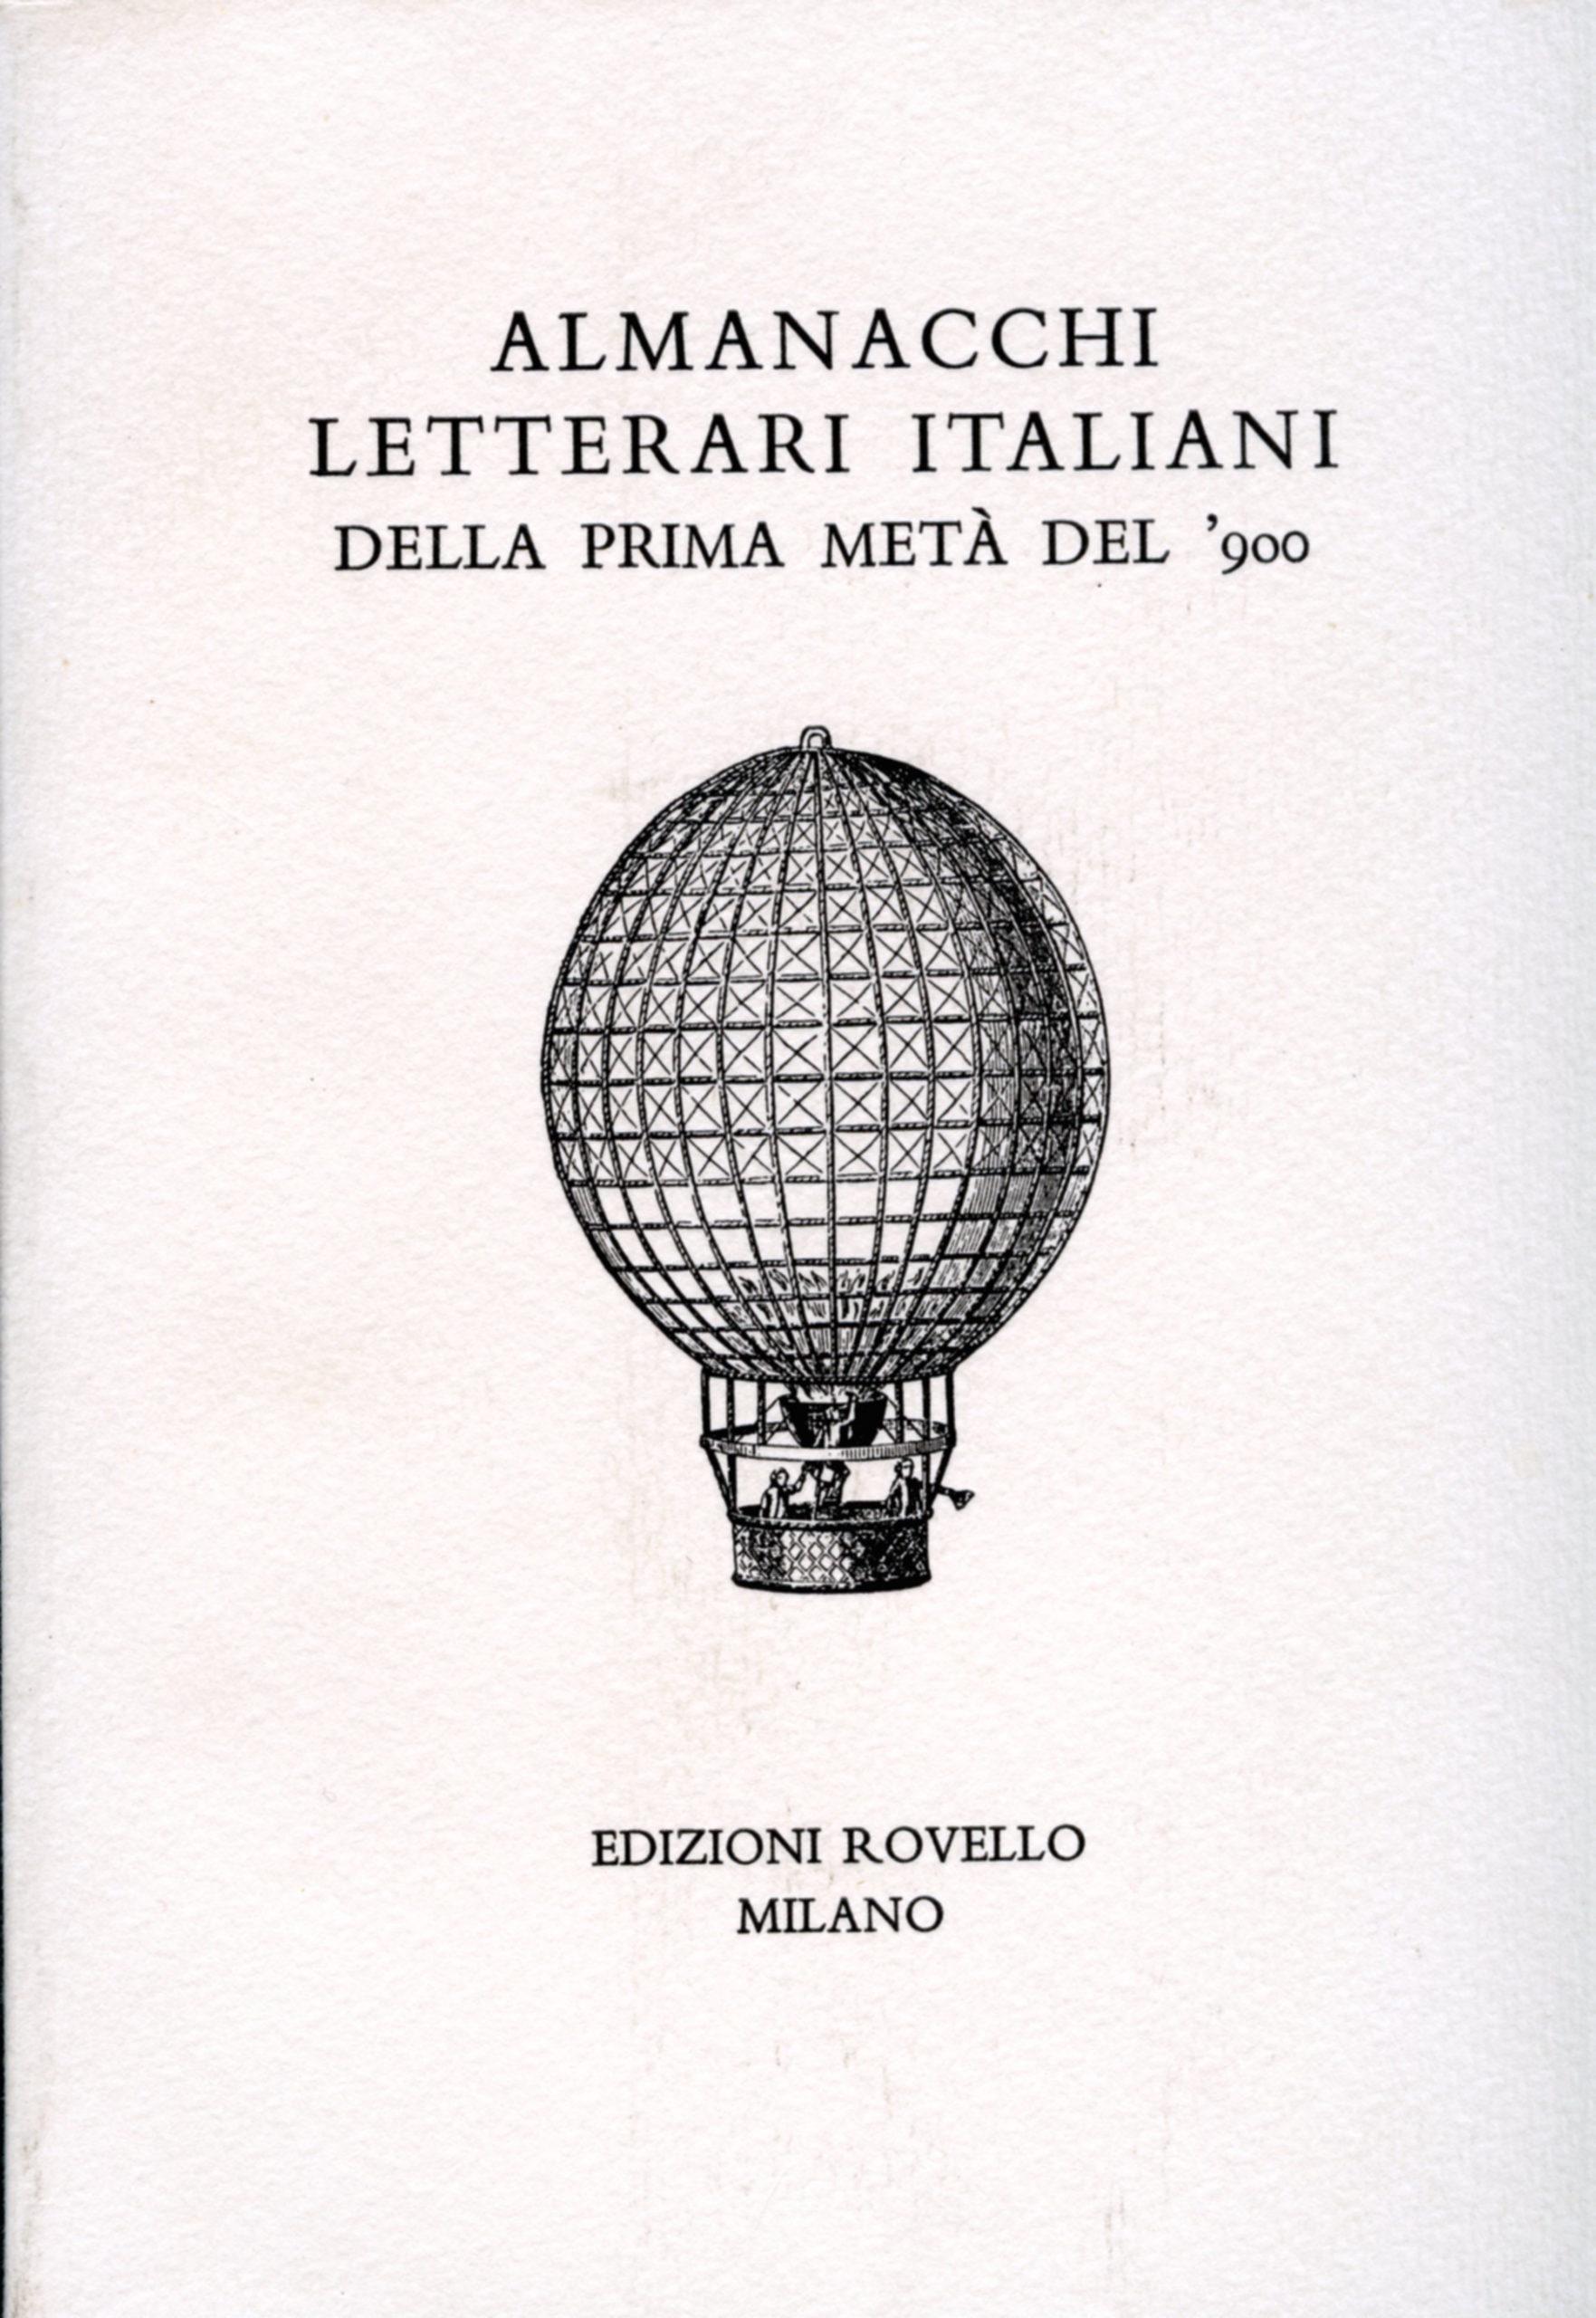 7. Almanacchi letterari novecento (1996)